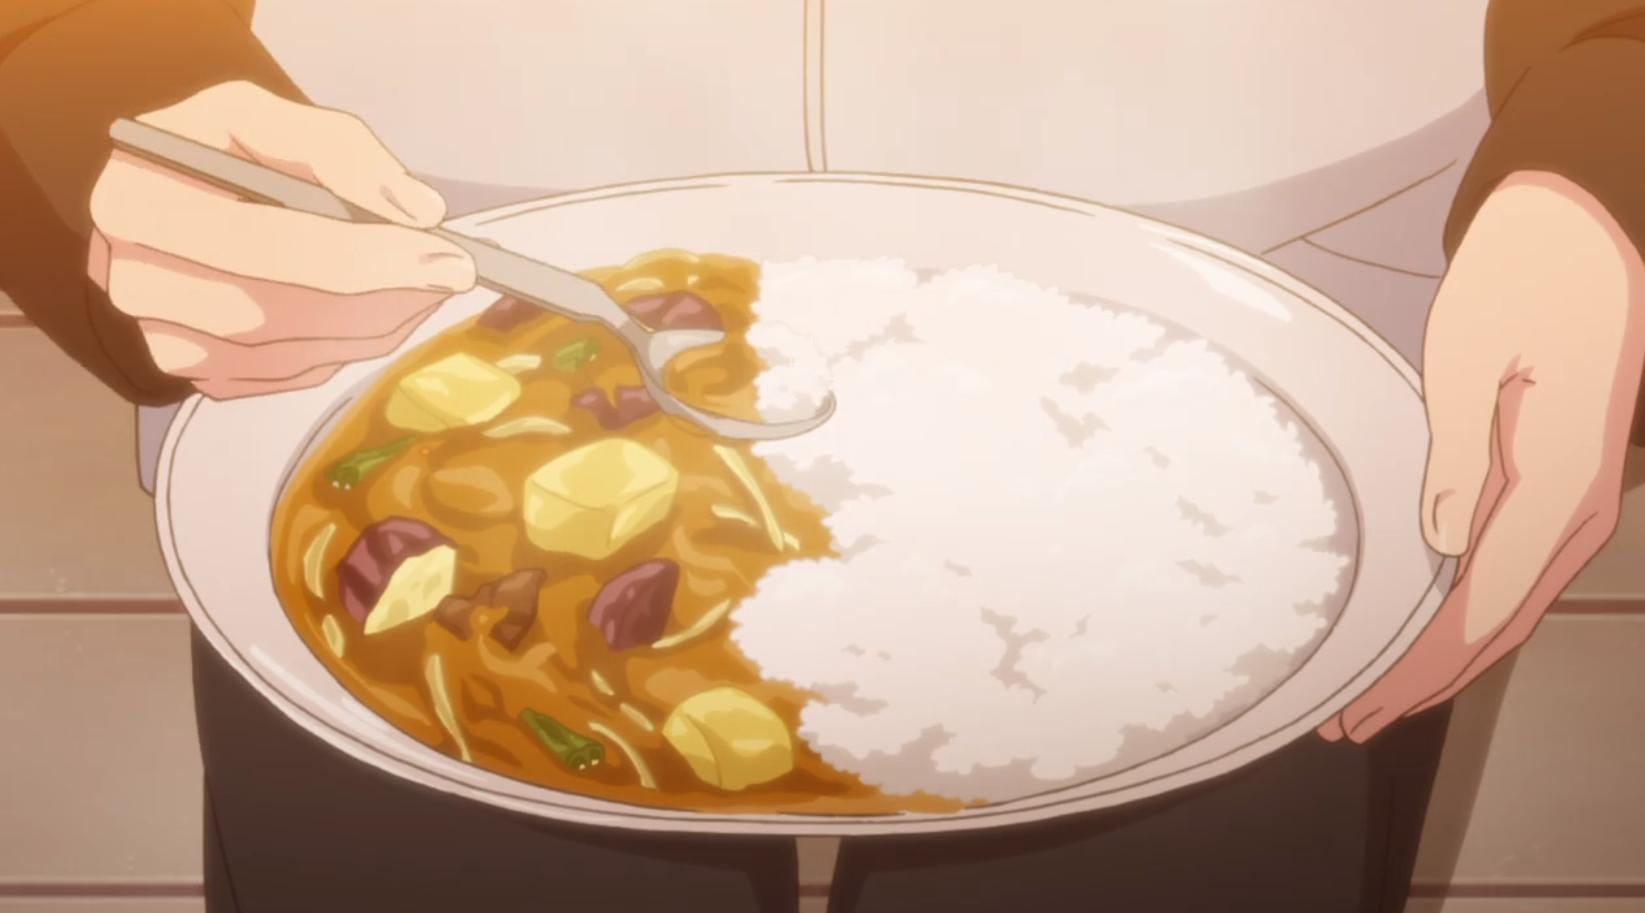 アニメ『ゆるキャン△』5話のなでしこが土鍋で作る豚骨煮込みカレー出来上がり!